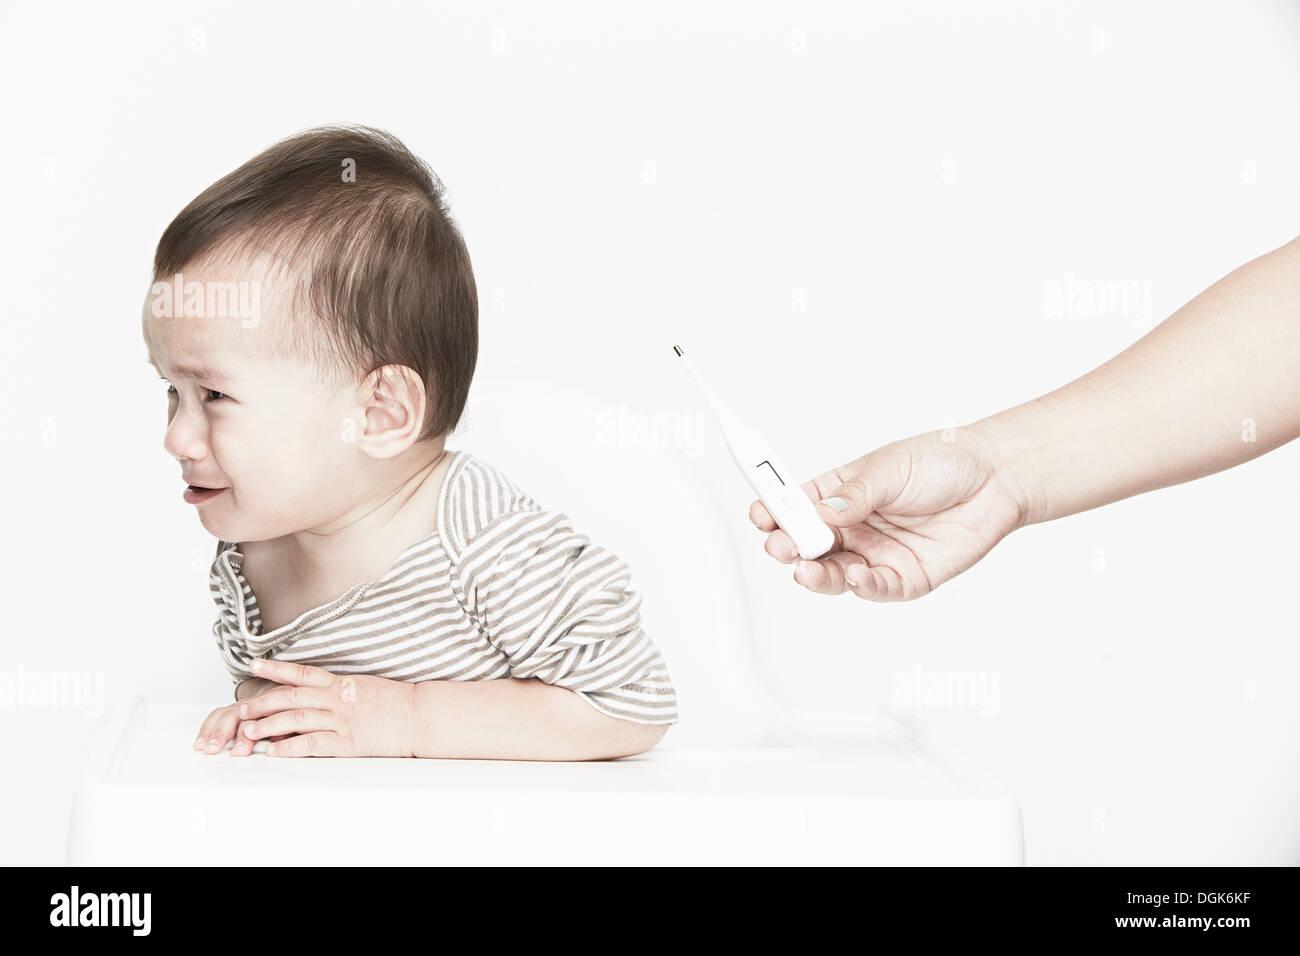 Bébé garçon pleurer, main tenant le thermomètre numérique Photo Stock